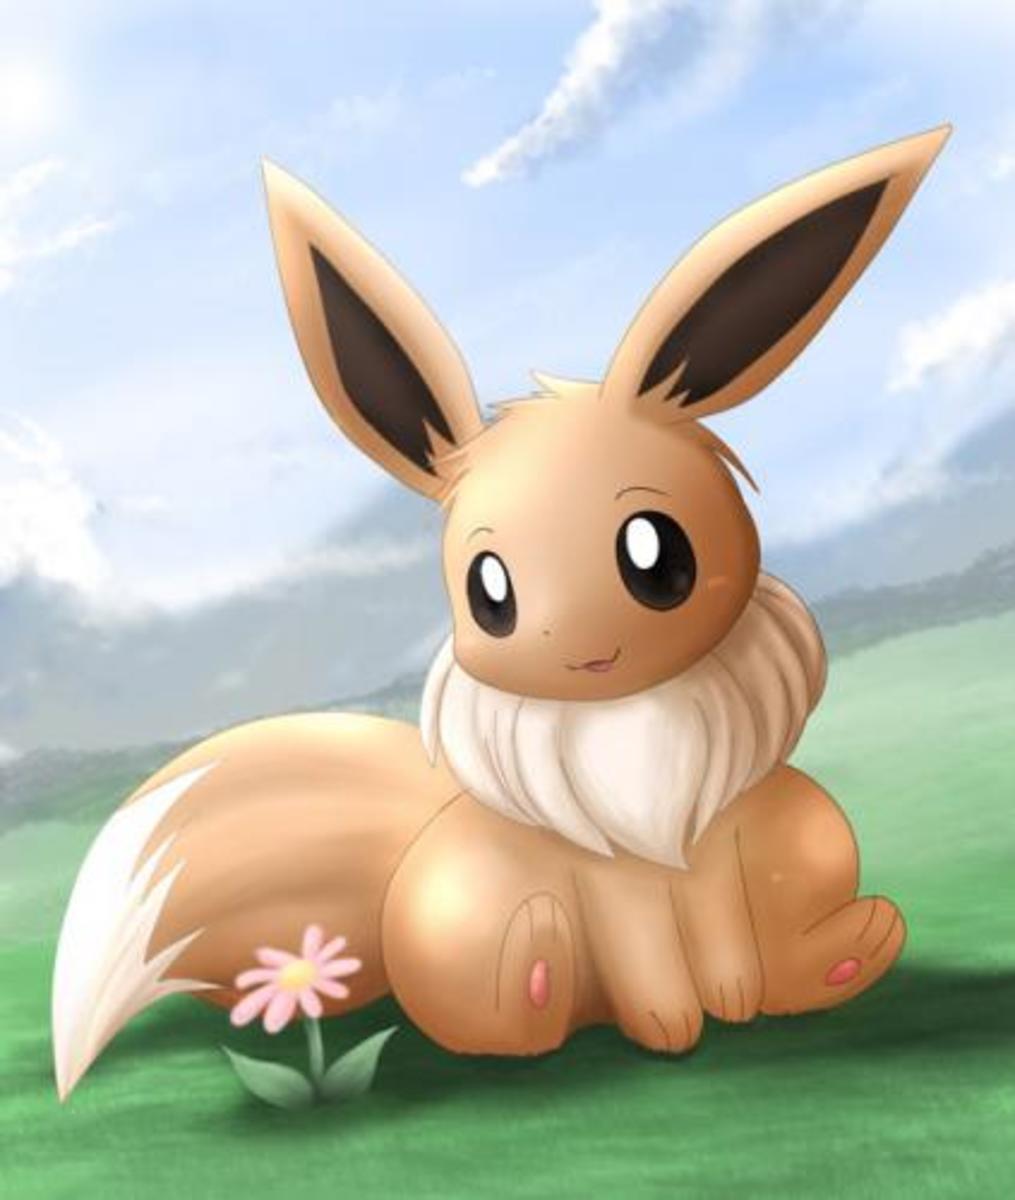 Eevee - the cutest Pokemon ever?